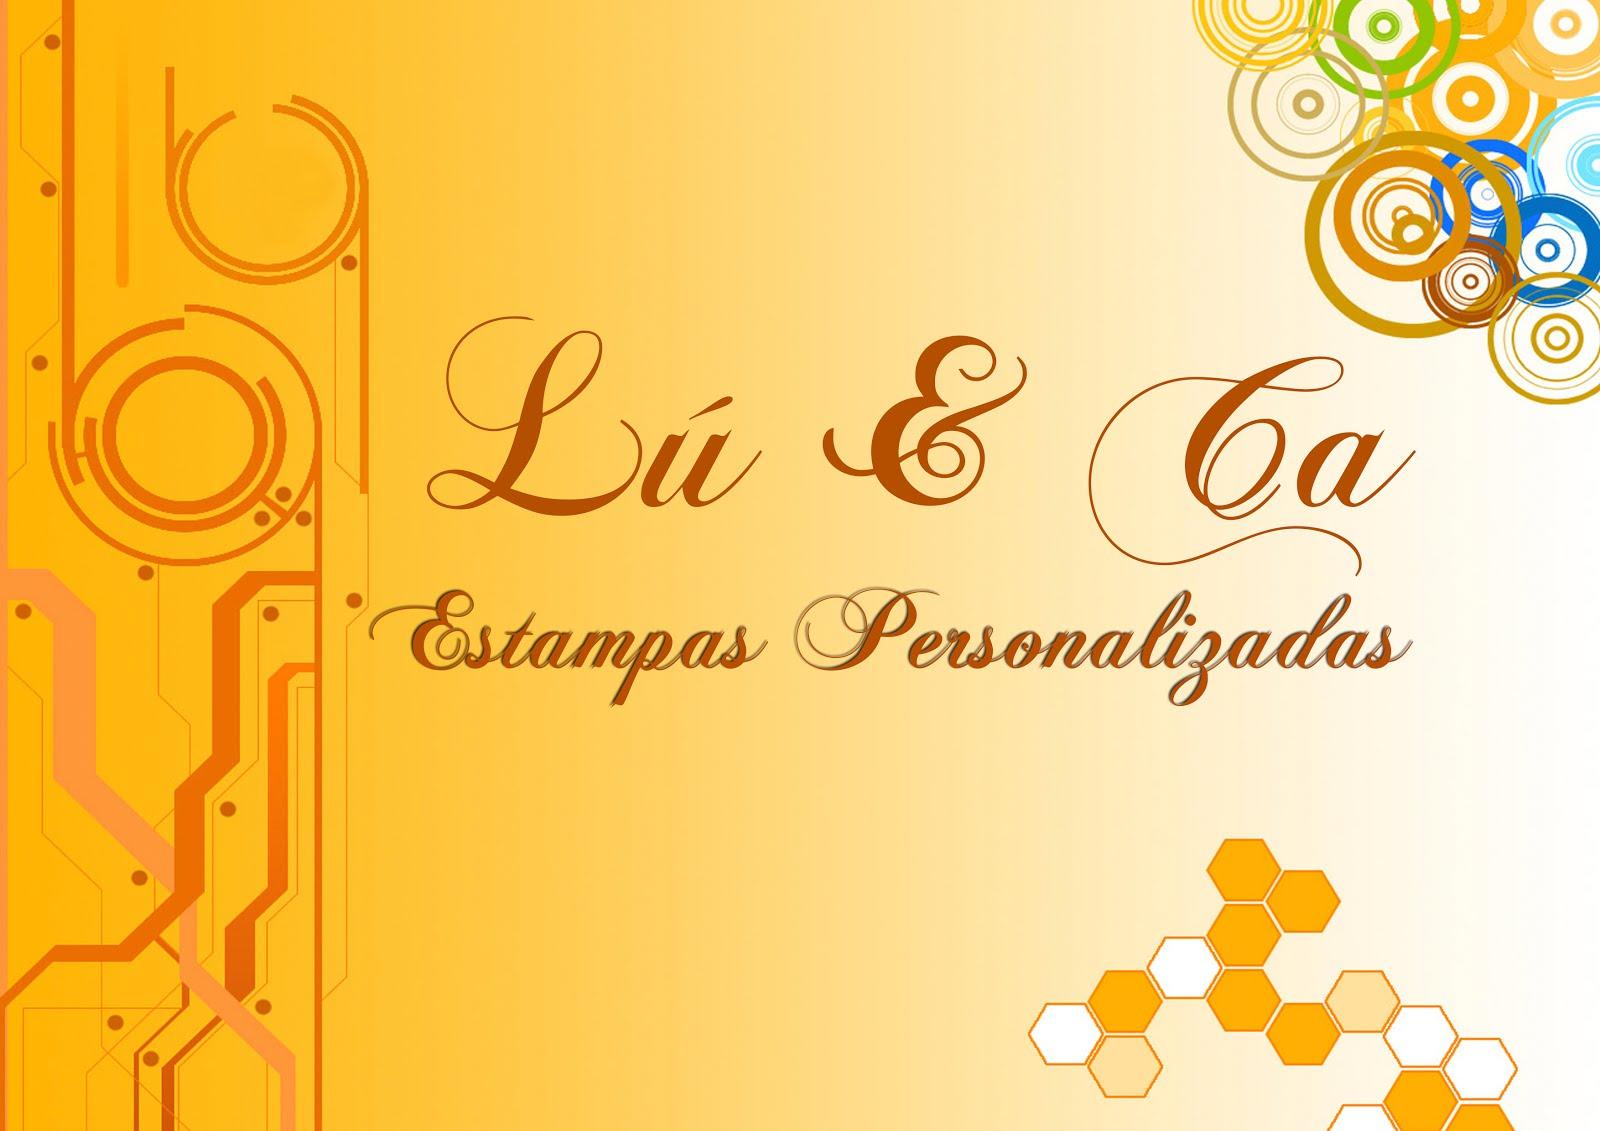 Lú & Ca